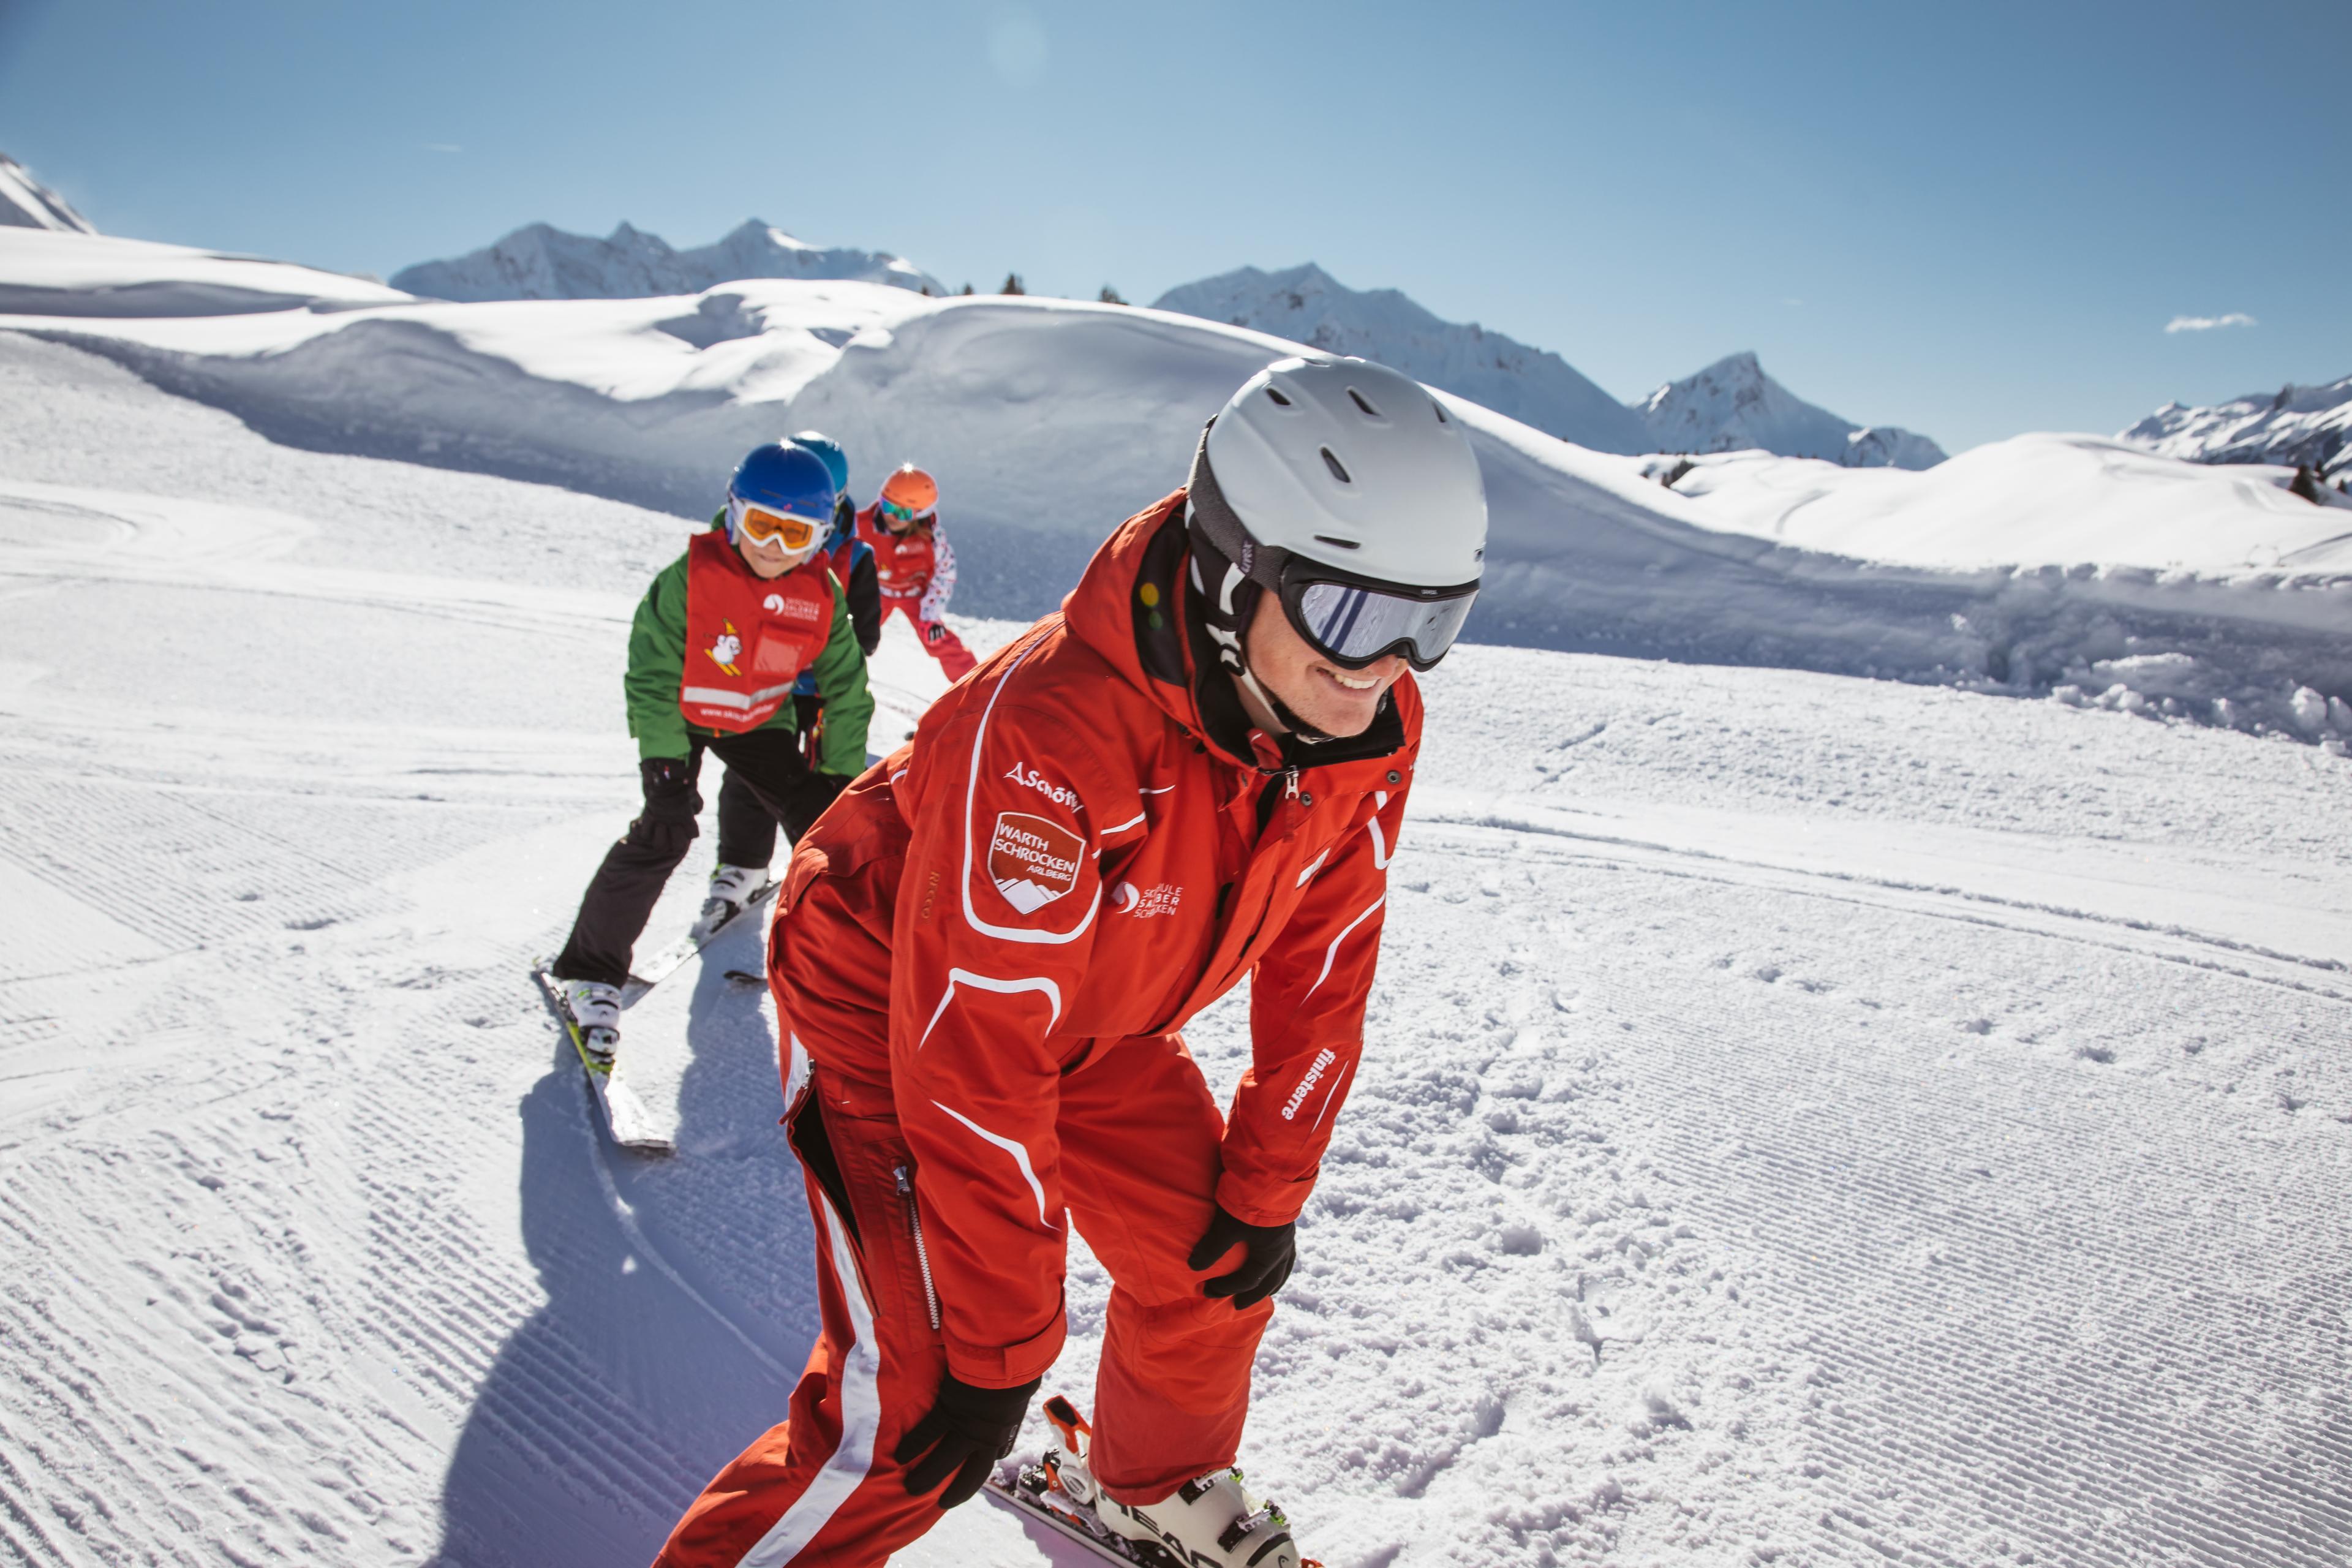 Groepslessen skiën voor kinderen (4-12 jaar) - Beginners